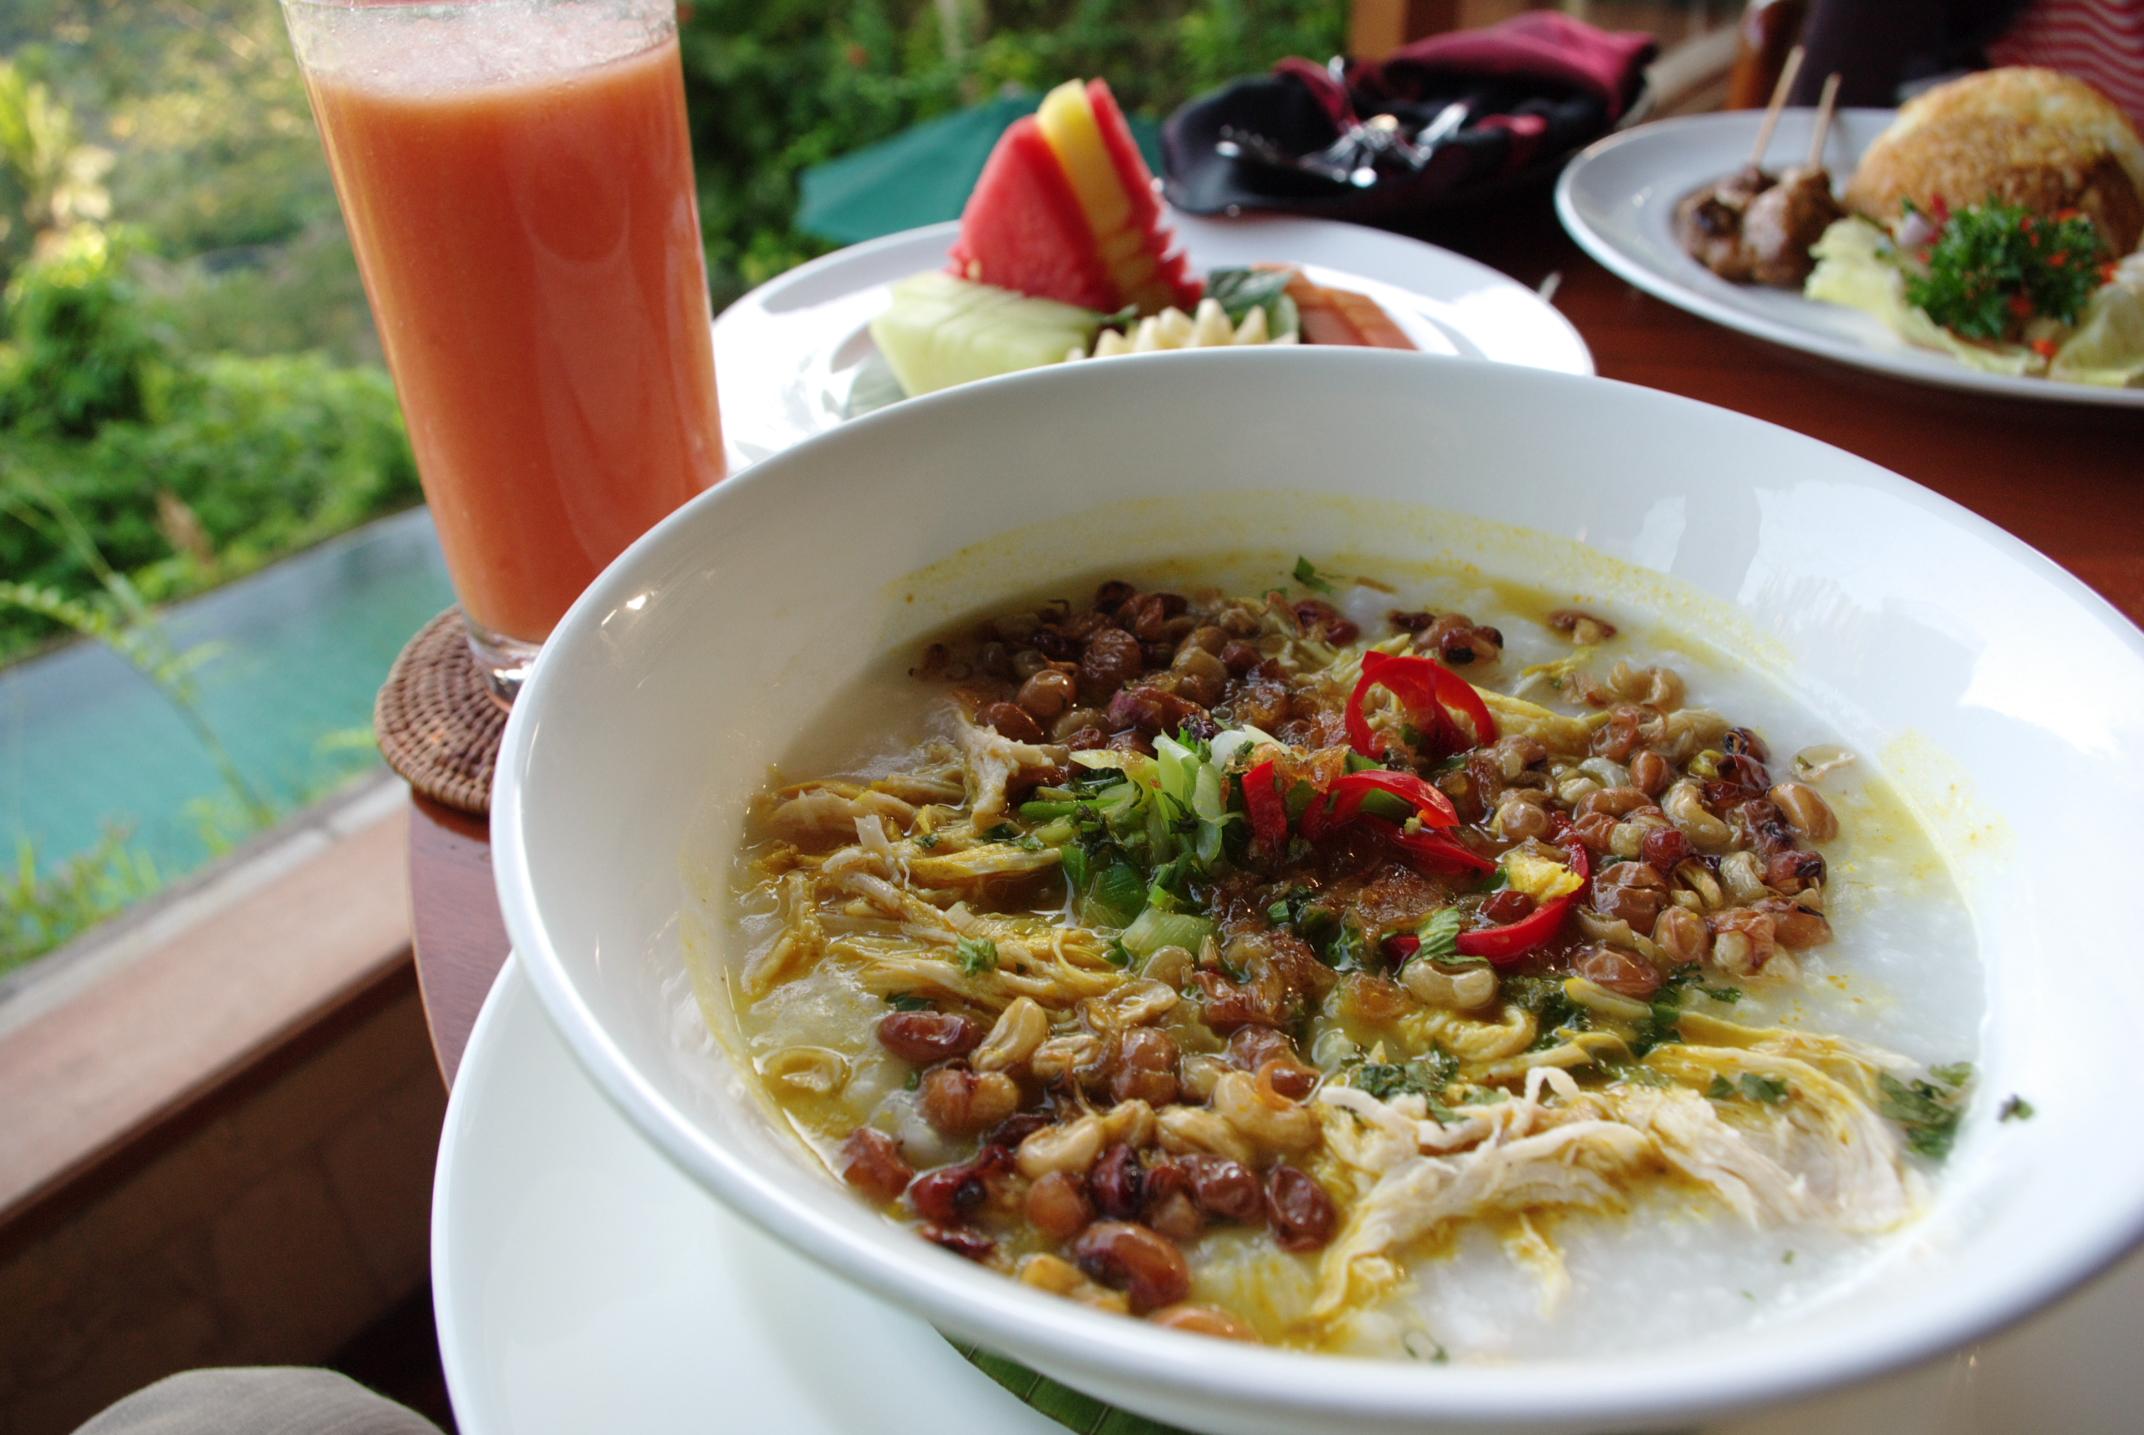 Bubur Mengguh Nikmatnya Menyantap Bubur Khas Bali Kuliner Bali